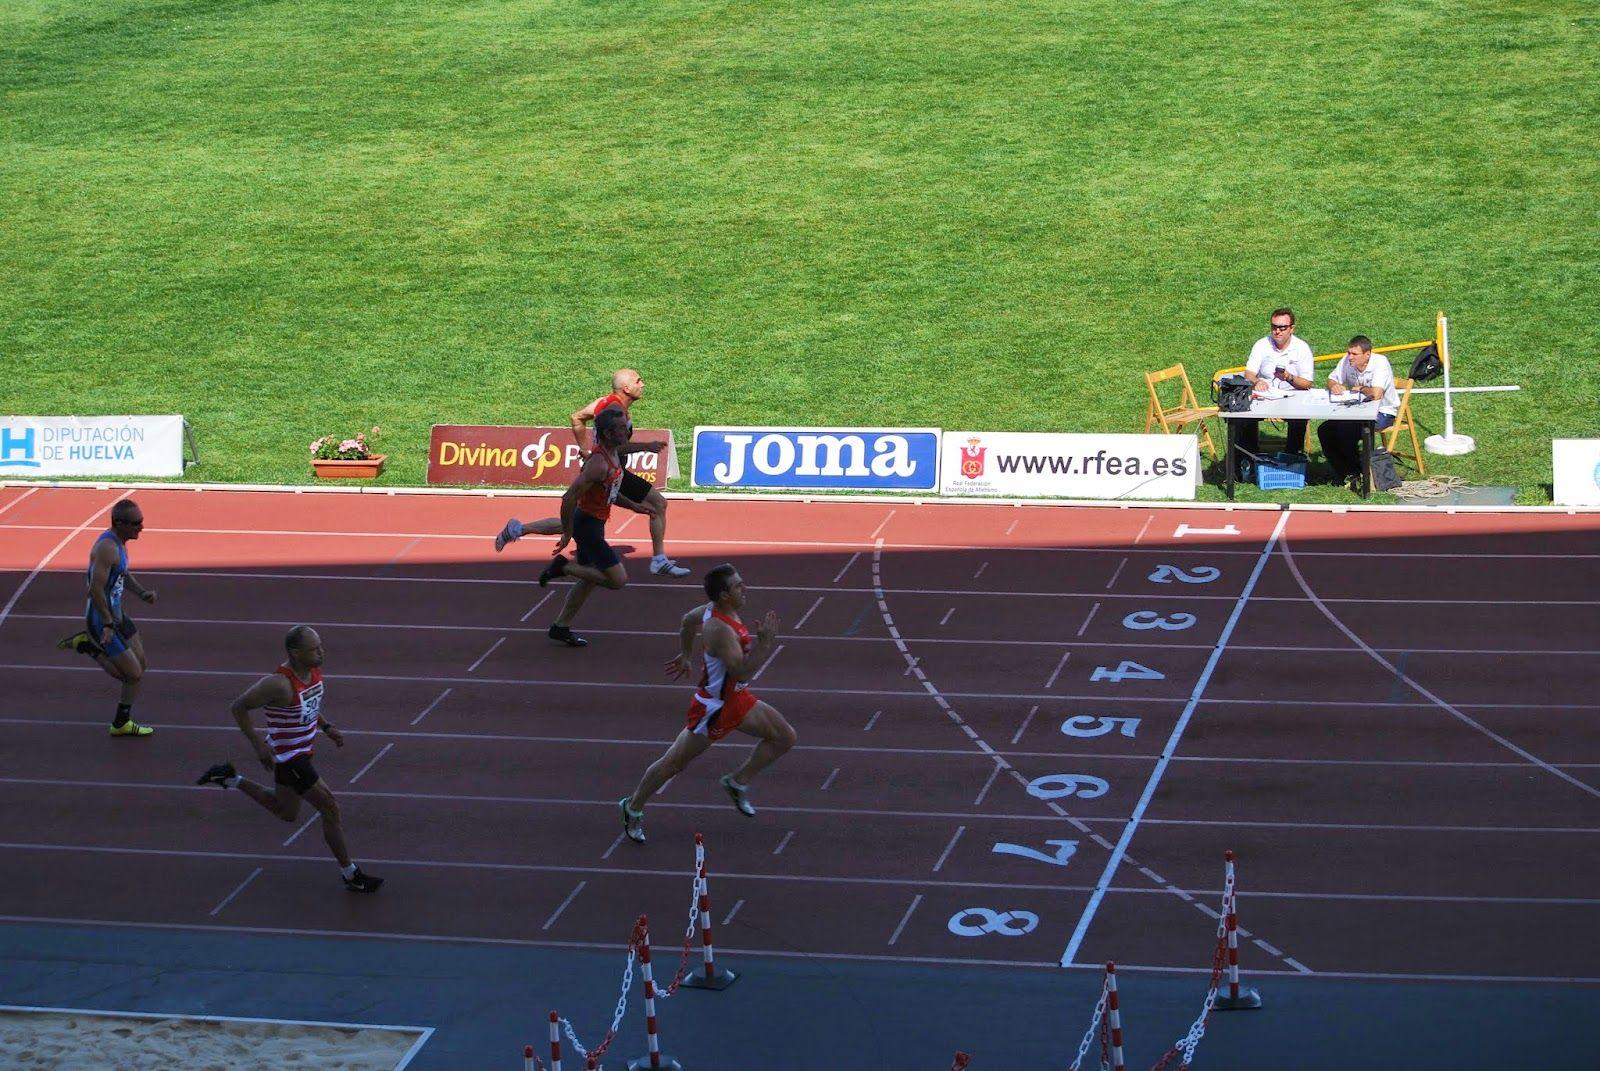 atletismo y algo más: 100 metros M50 Primera Semifinal (21 junio) 17:30